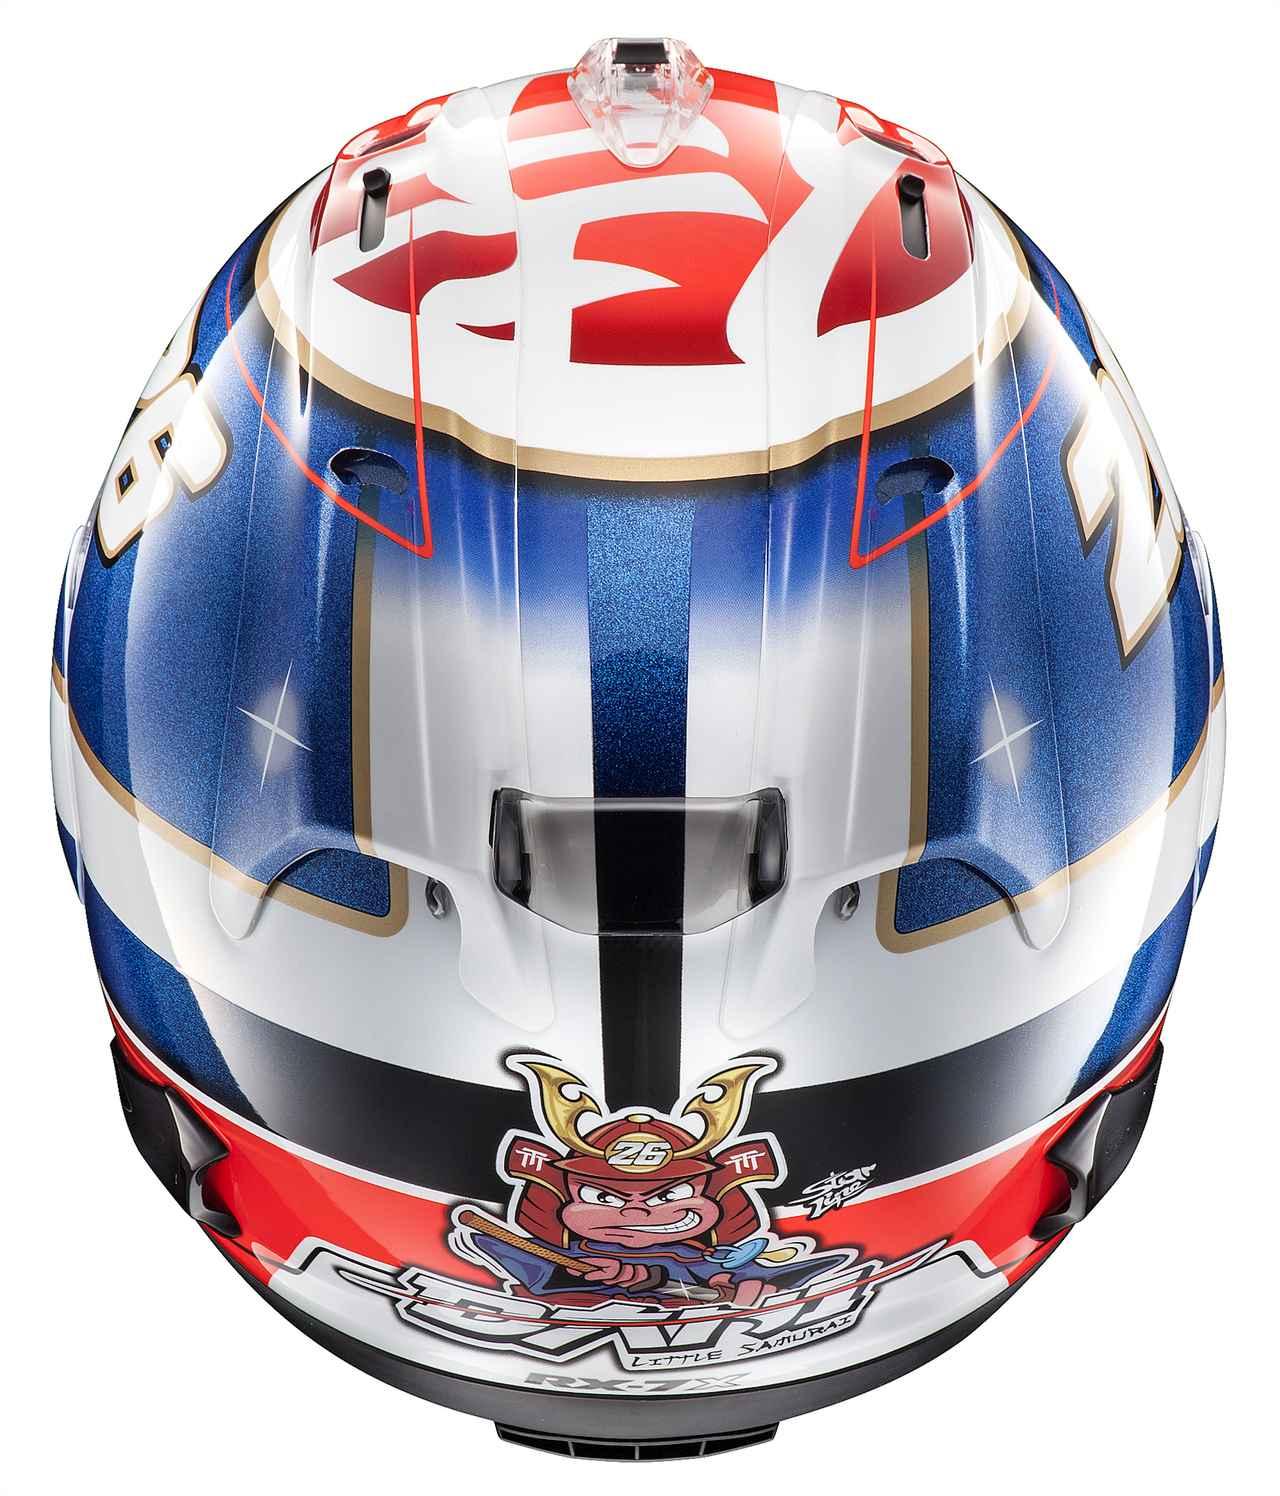 画像2: MotoGPライダー、D・ペドロサ選手の新型レプリカヘルメットが発売に!